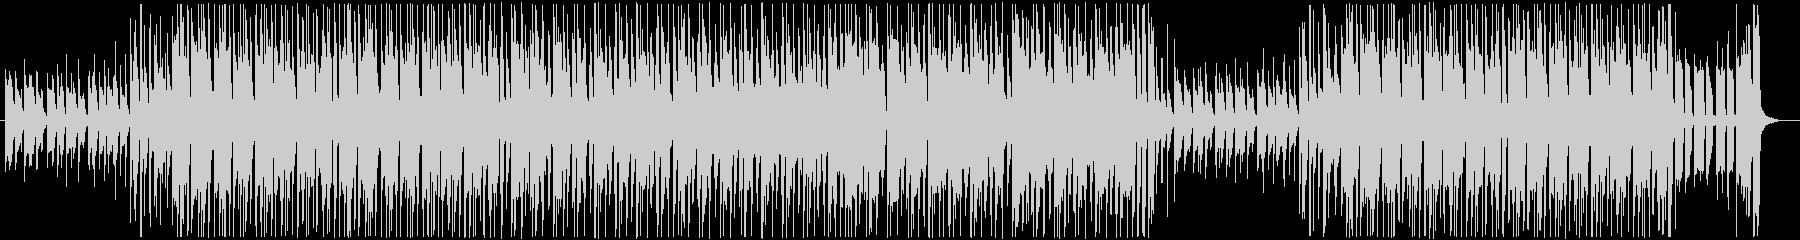 クラップと掛け声・ギターロック・ブルースの未再生の波形